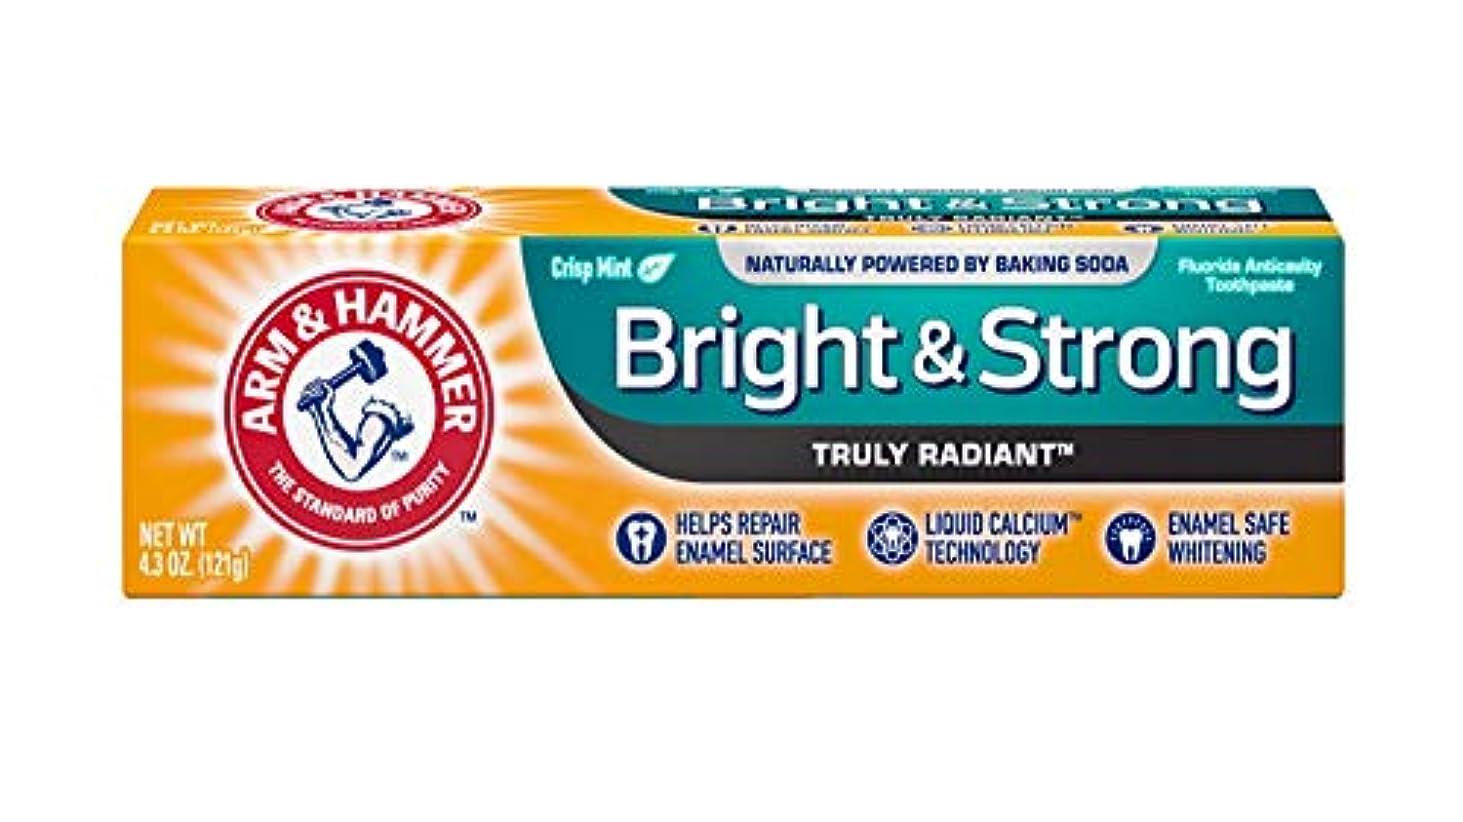 遊具以内にムスArm & Hammer 本当にラディアン明るい&ストロングフッ化物虫歯予防歯磨きフレッシュミント4.3オズ 4.3 NET WT。